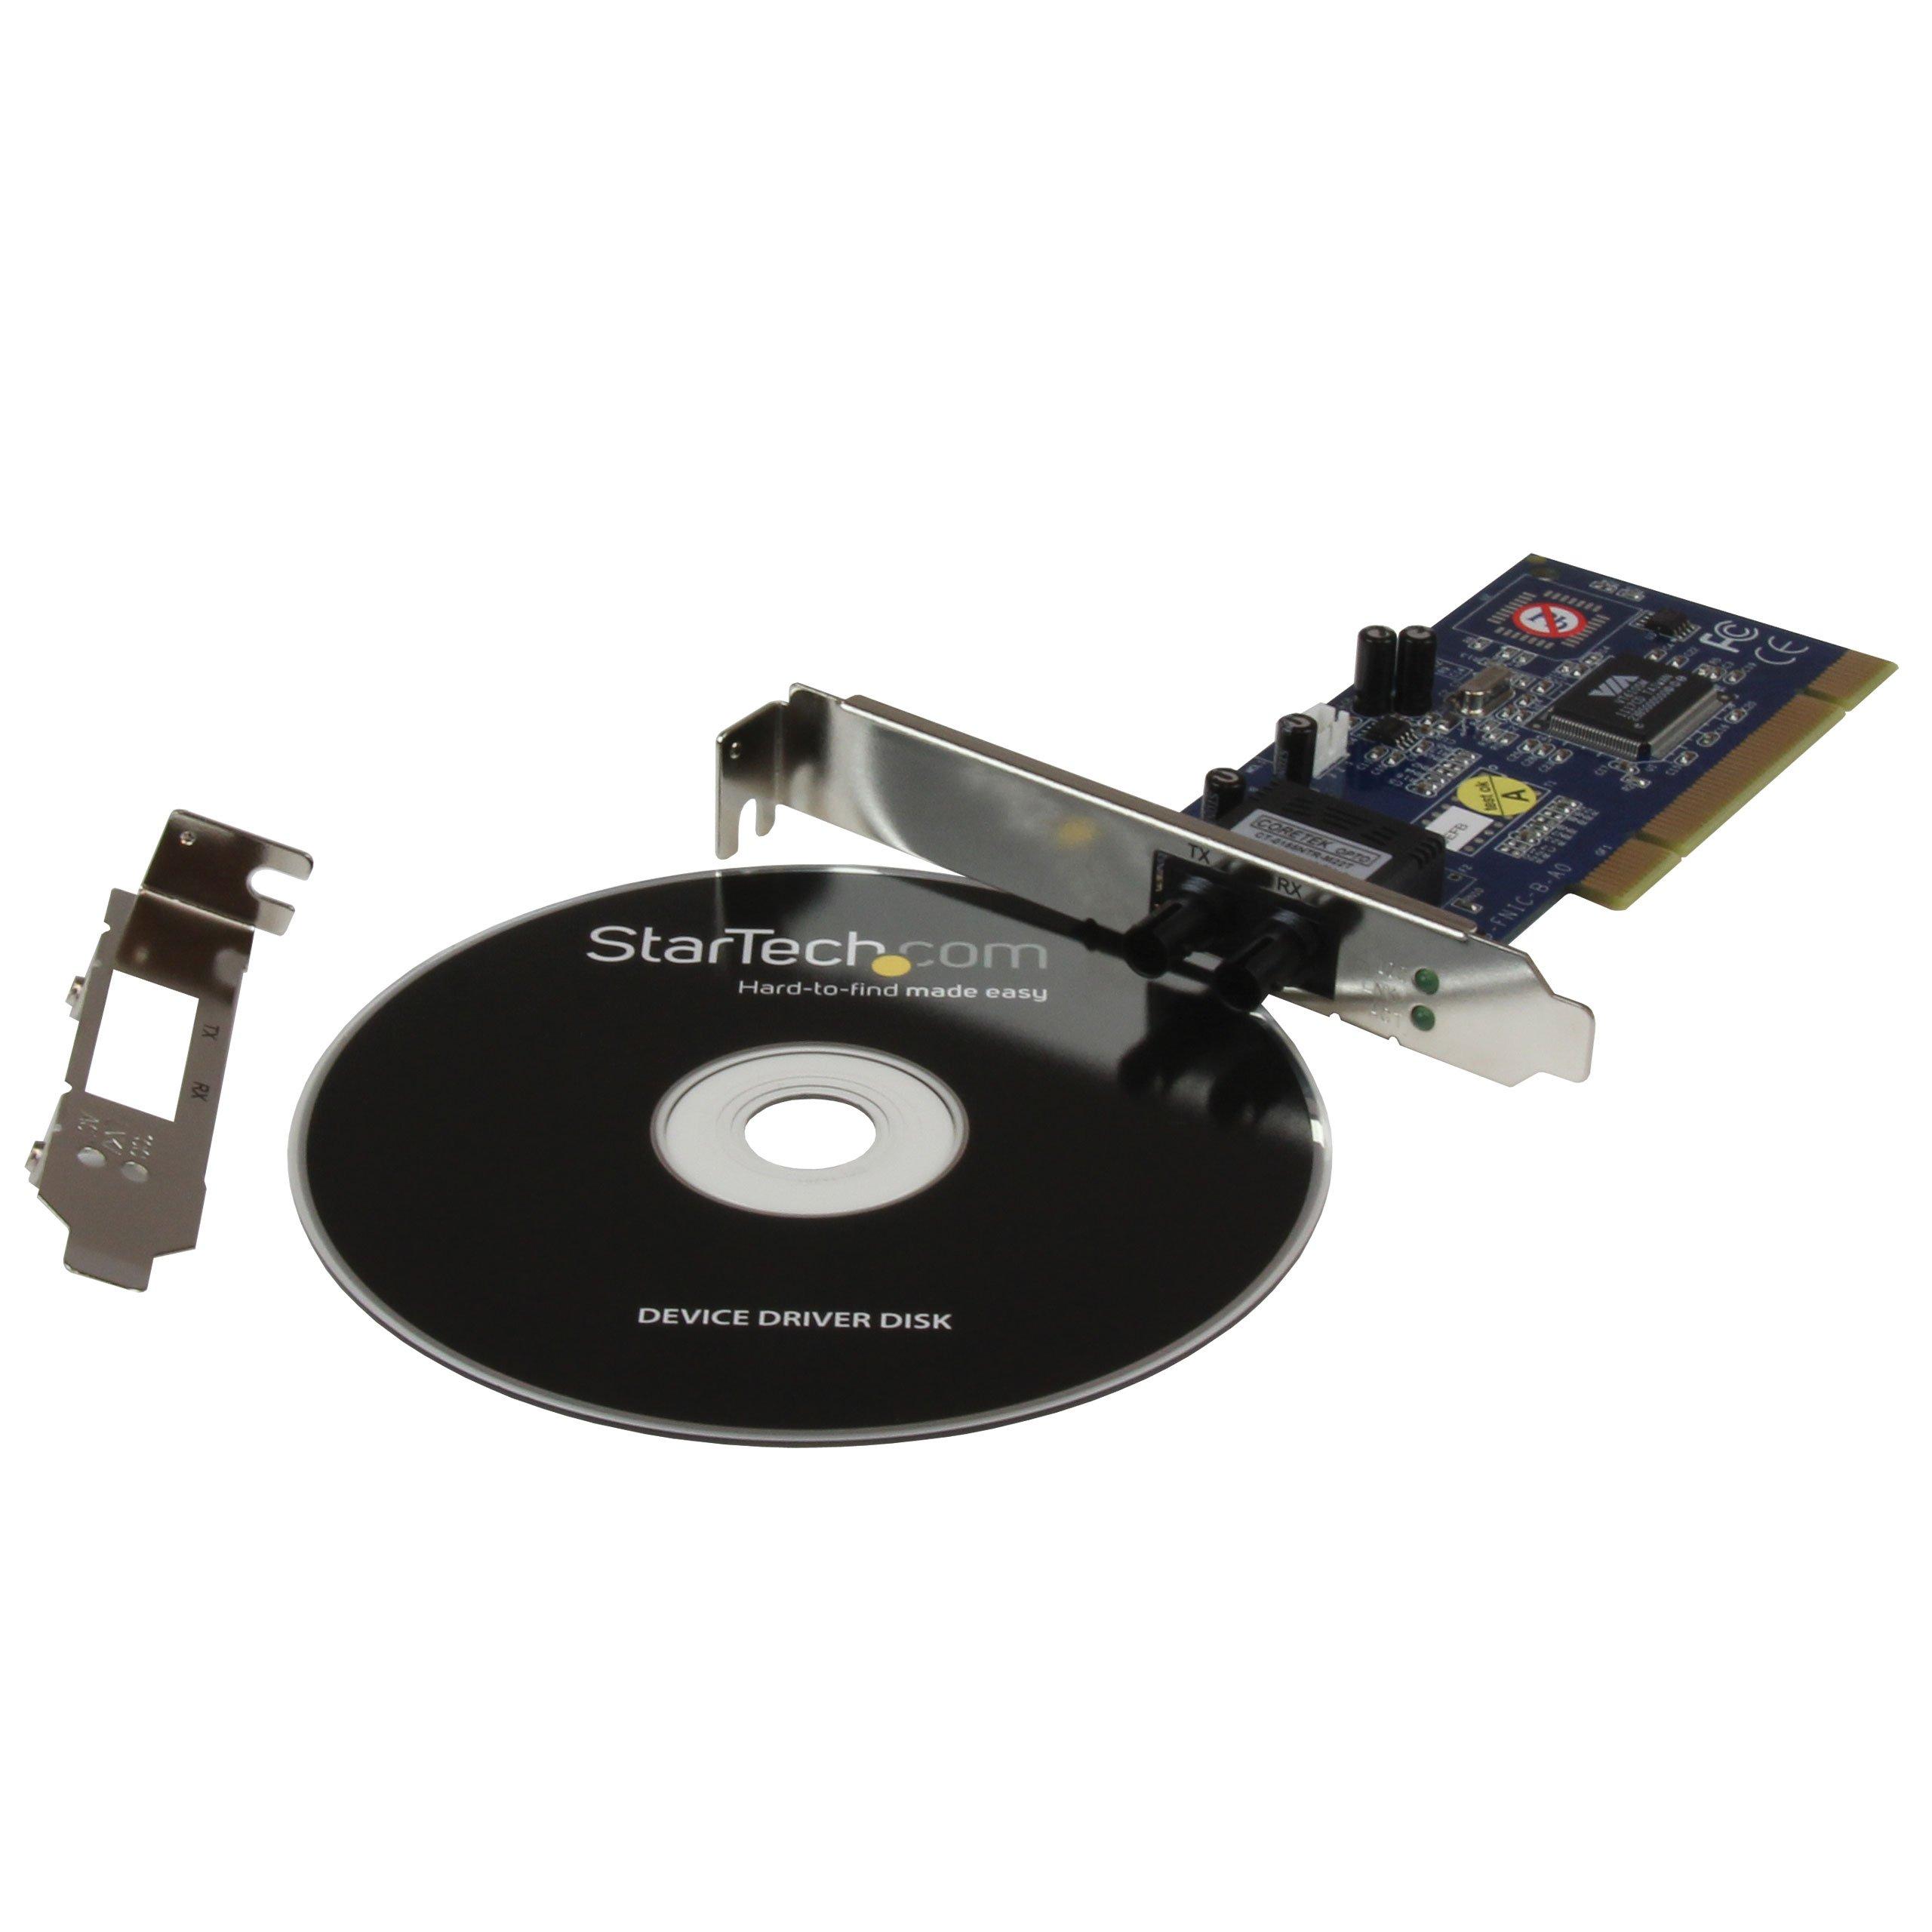 StarTech.com PCI100MMST 100Mbps PCI Multi Mode ST Fiber Ethernet NIC Network Adapter 2km by StarTech (Image #5)